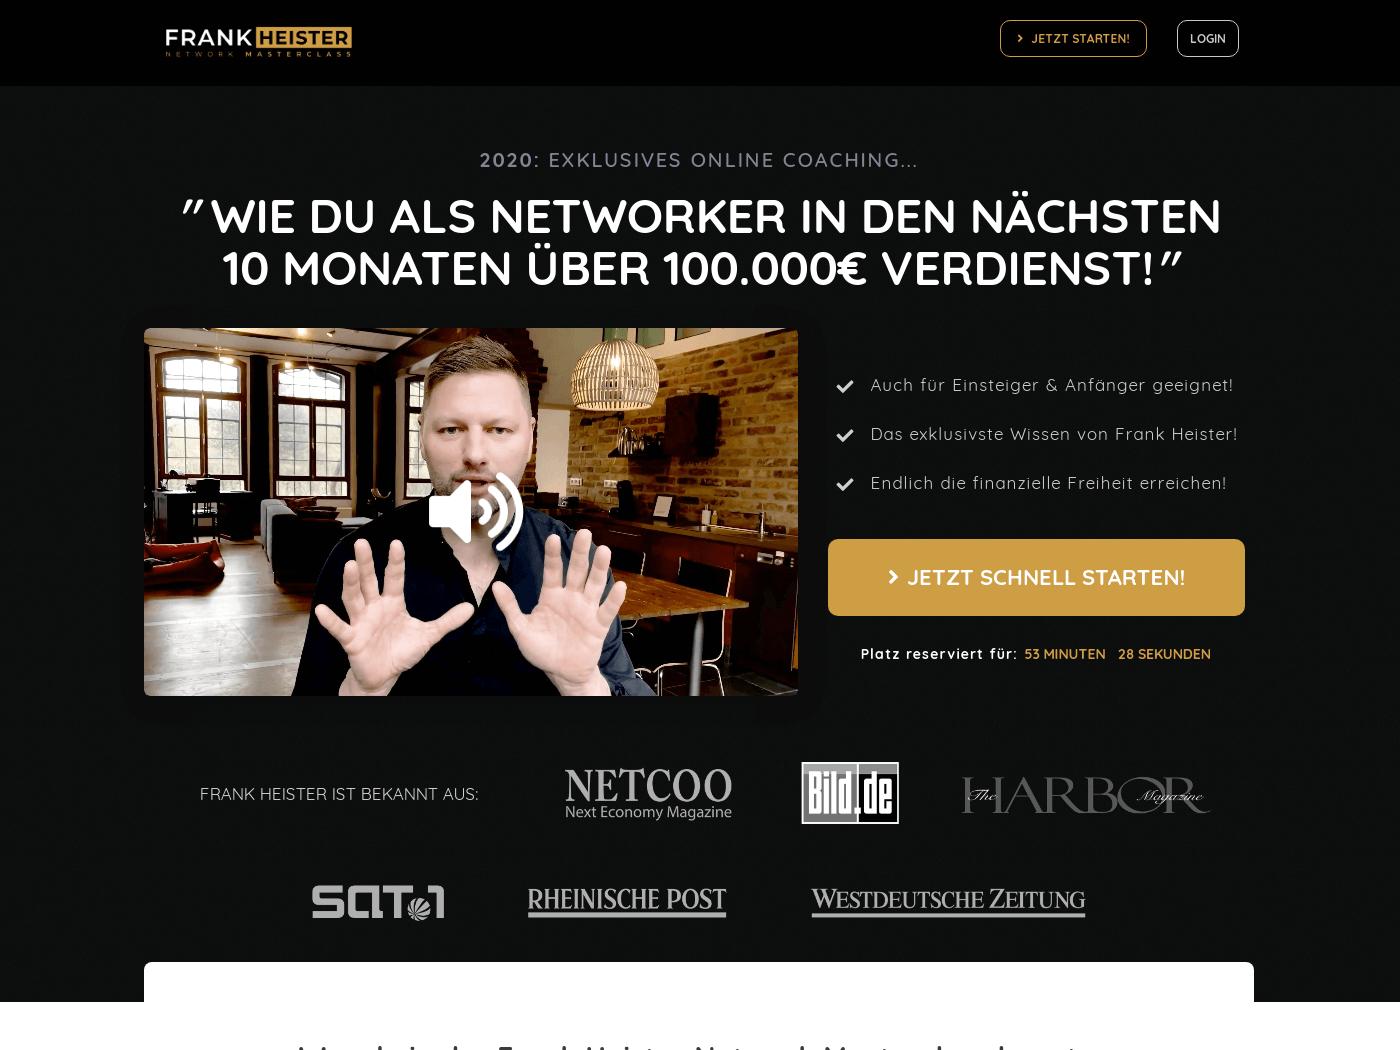 Frank Heister Network Masterclass